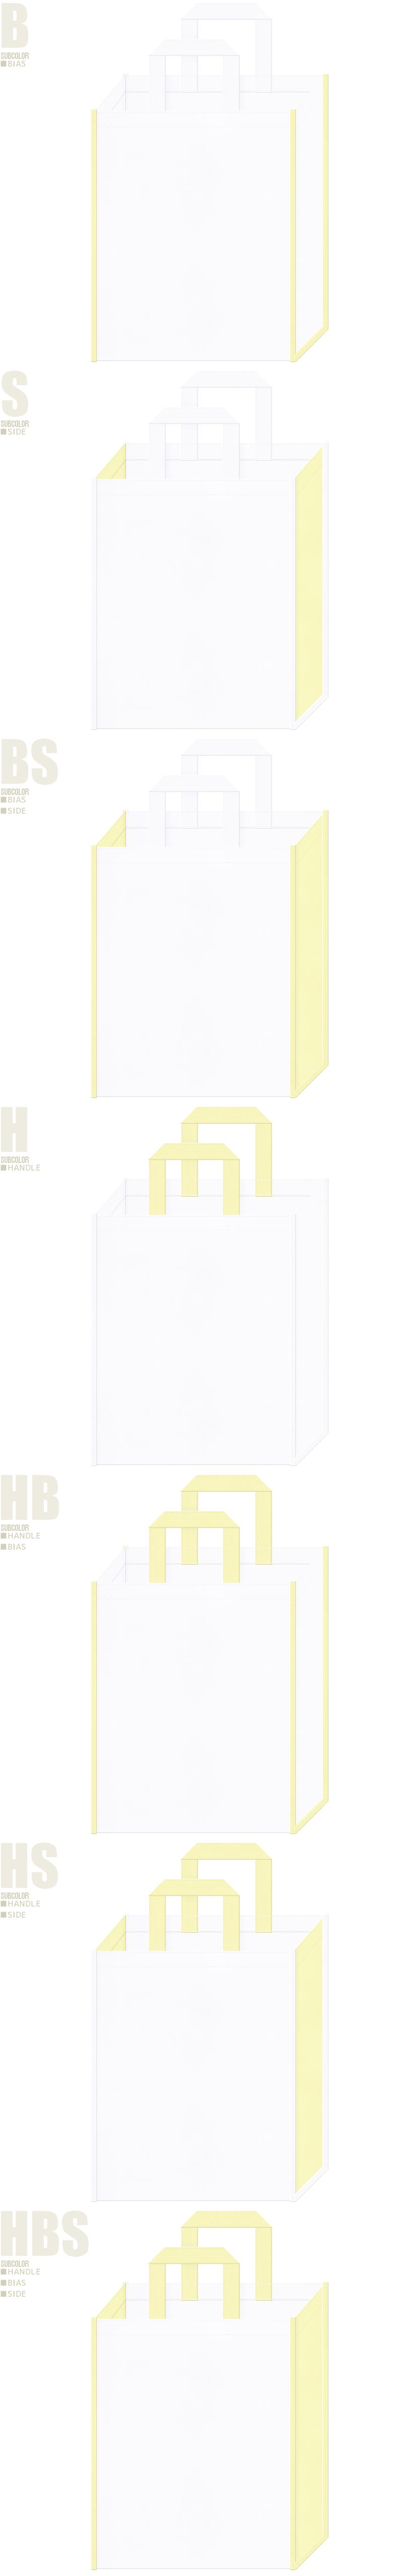 白色とひよこ色-不織布バッグのパステル系配色デザイン例です。